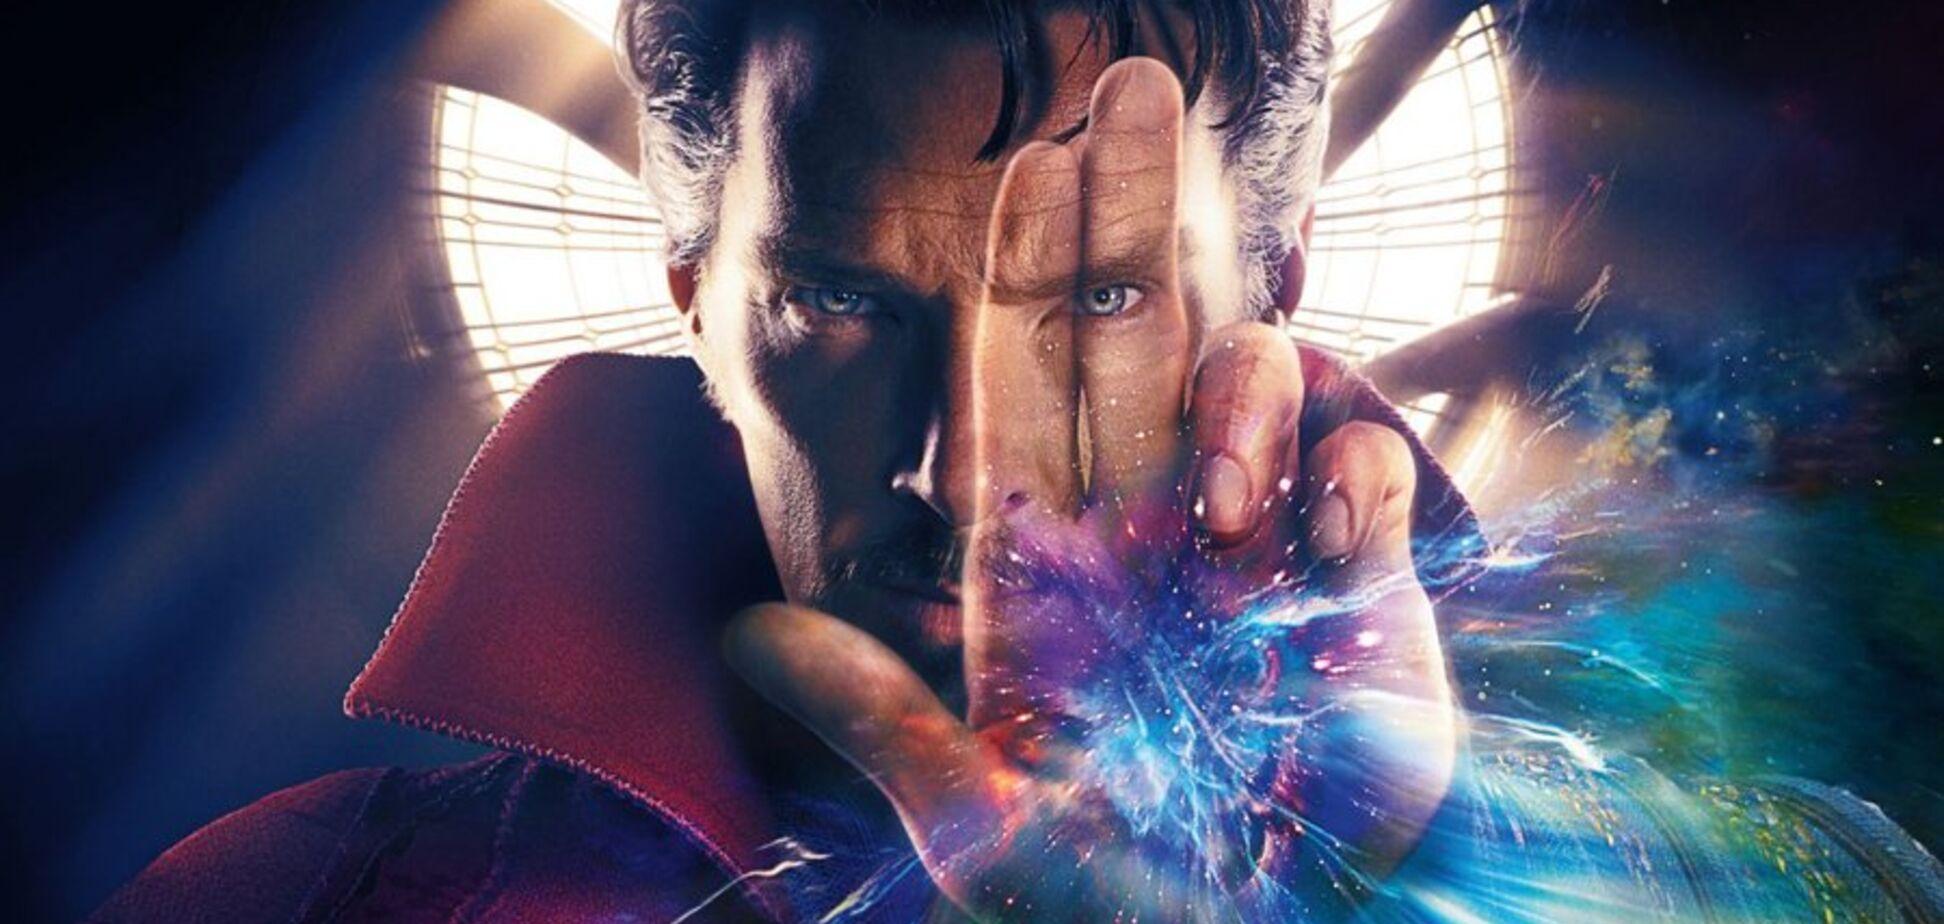 'Доктор Стрендж: В мультівсесвіті божевілля' від Марвел: коли вийде, трейлер, дивитися онлайн